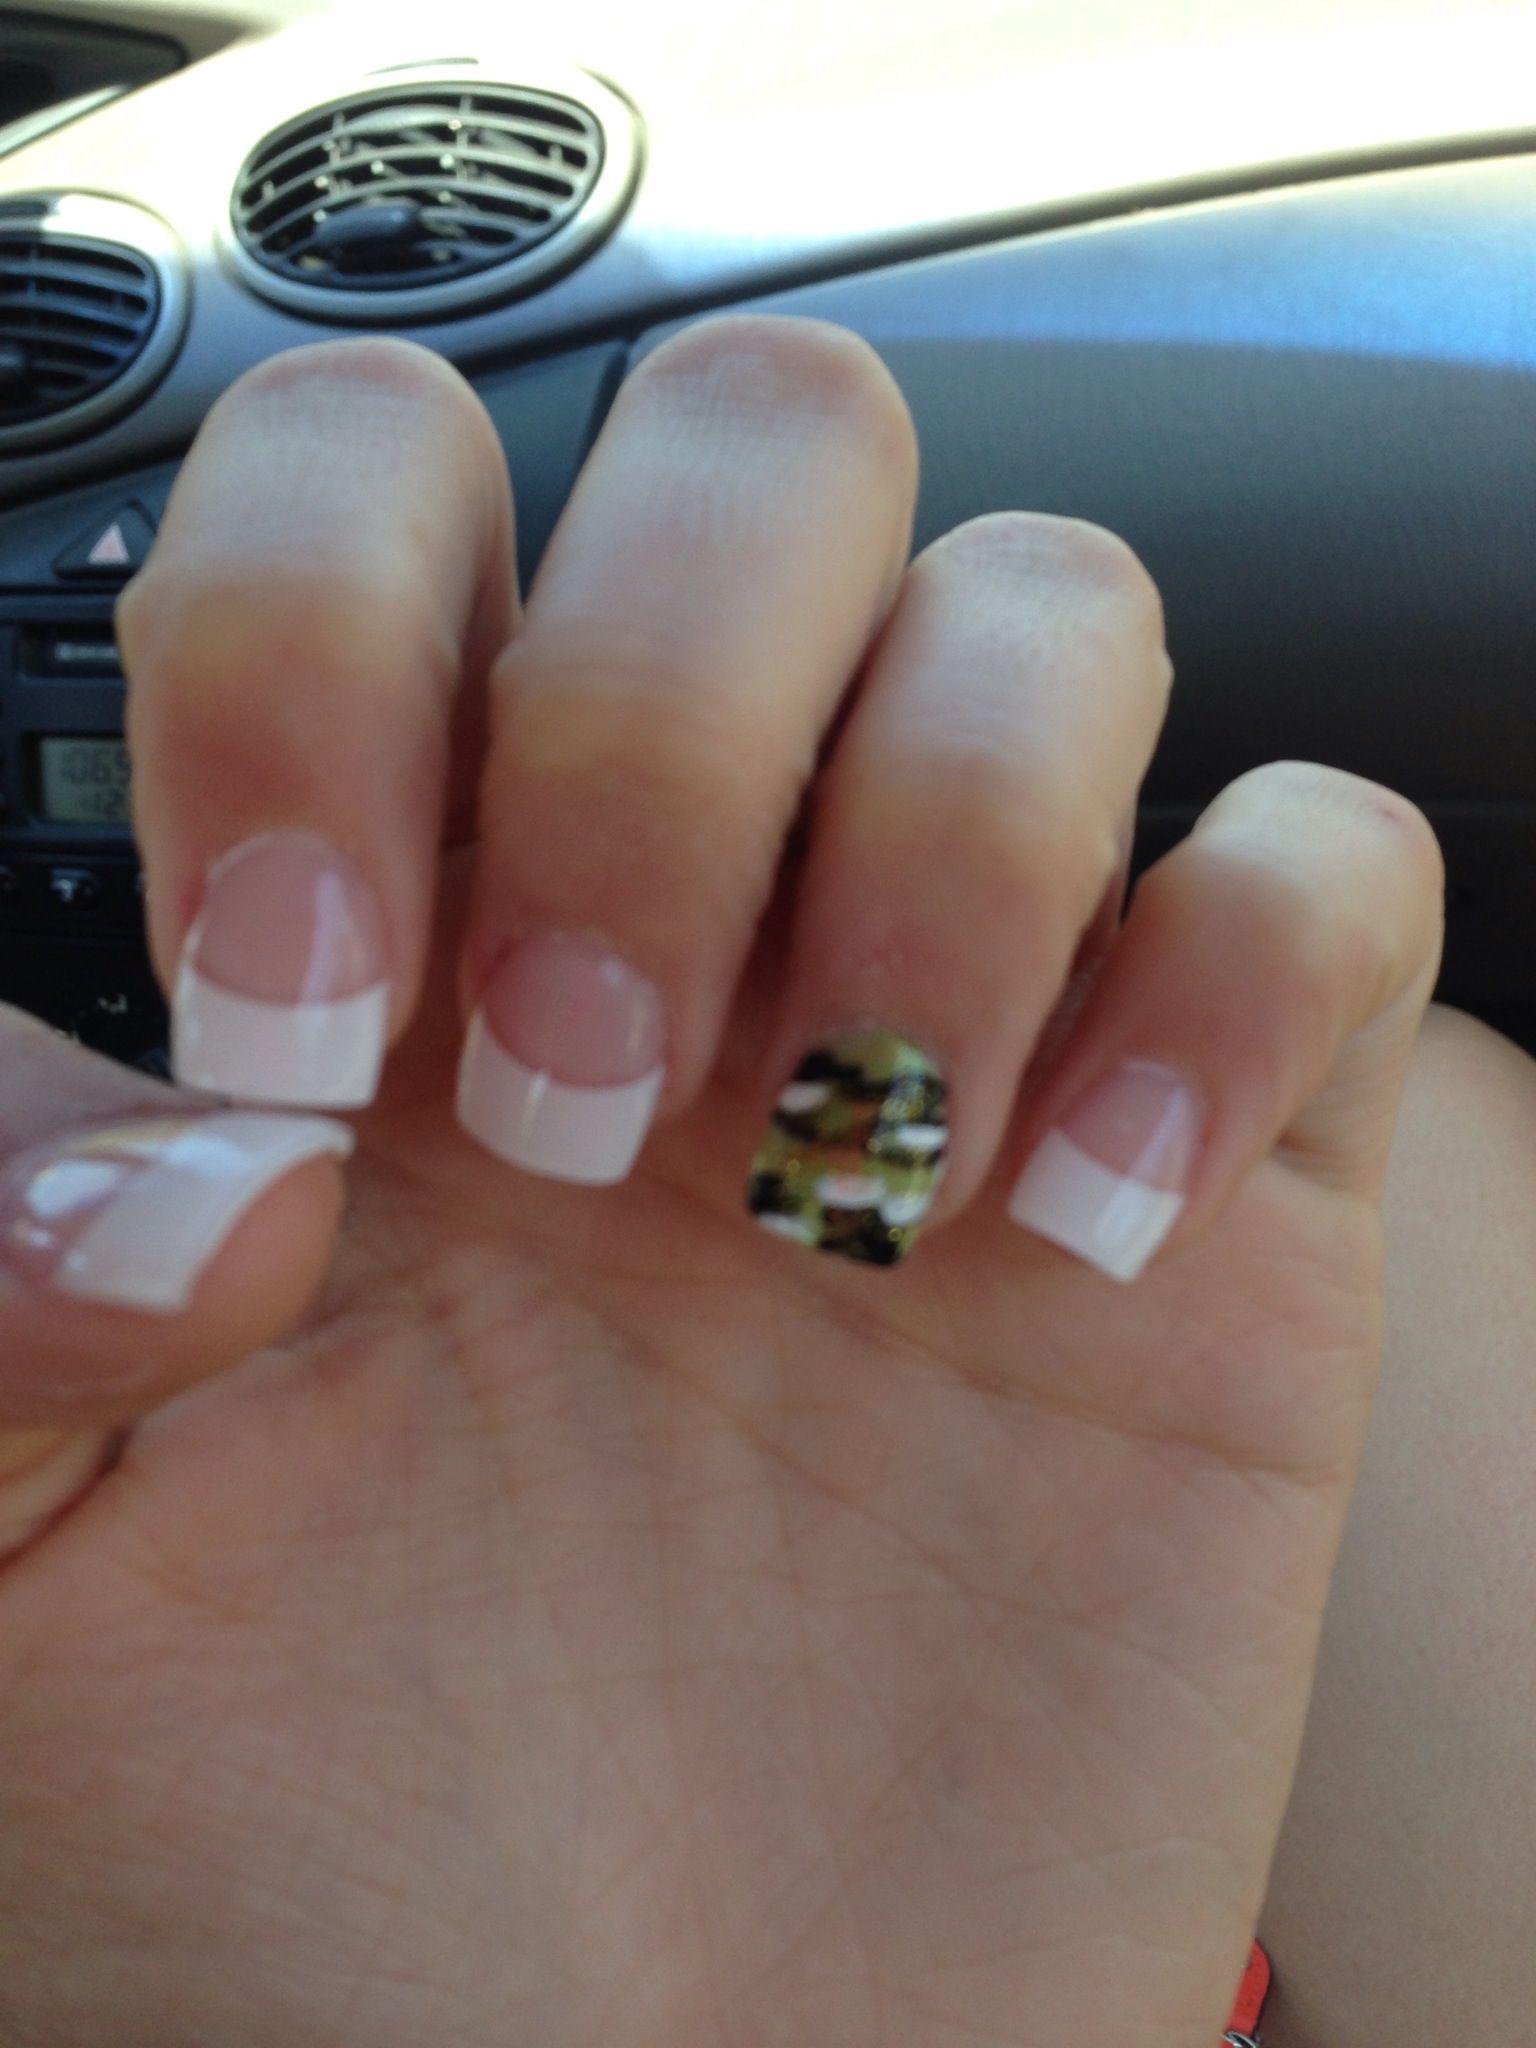 pin nail art country style